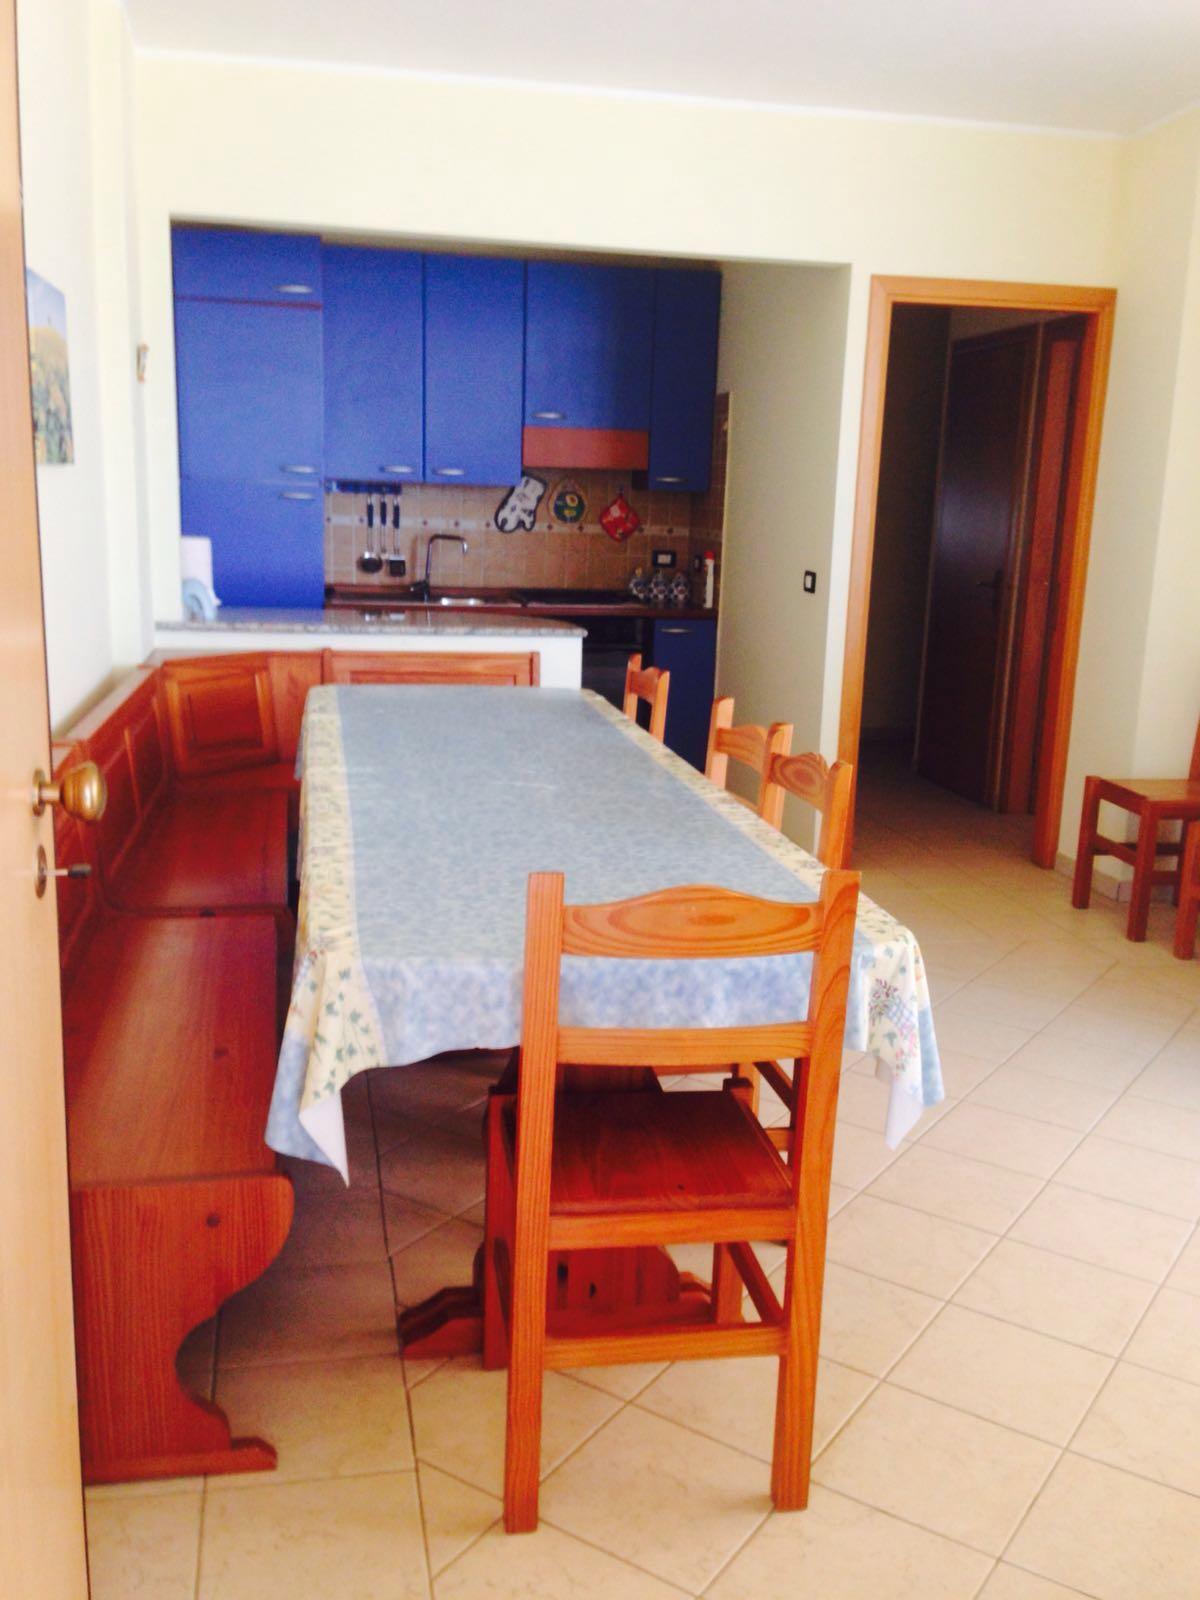 Appartamento fronte mare, di circa 90 mq, sito a Marzamemi. Si compone di cucina-soggiorno, tre camere da letto, bagno, ripostiglio e veranda.  Con posto auto riservato.   ...